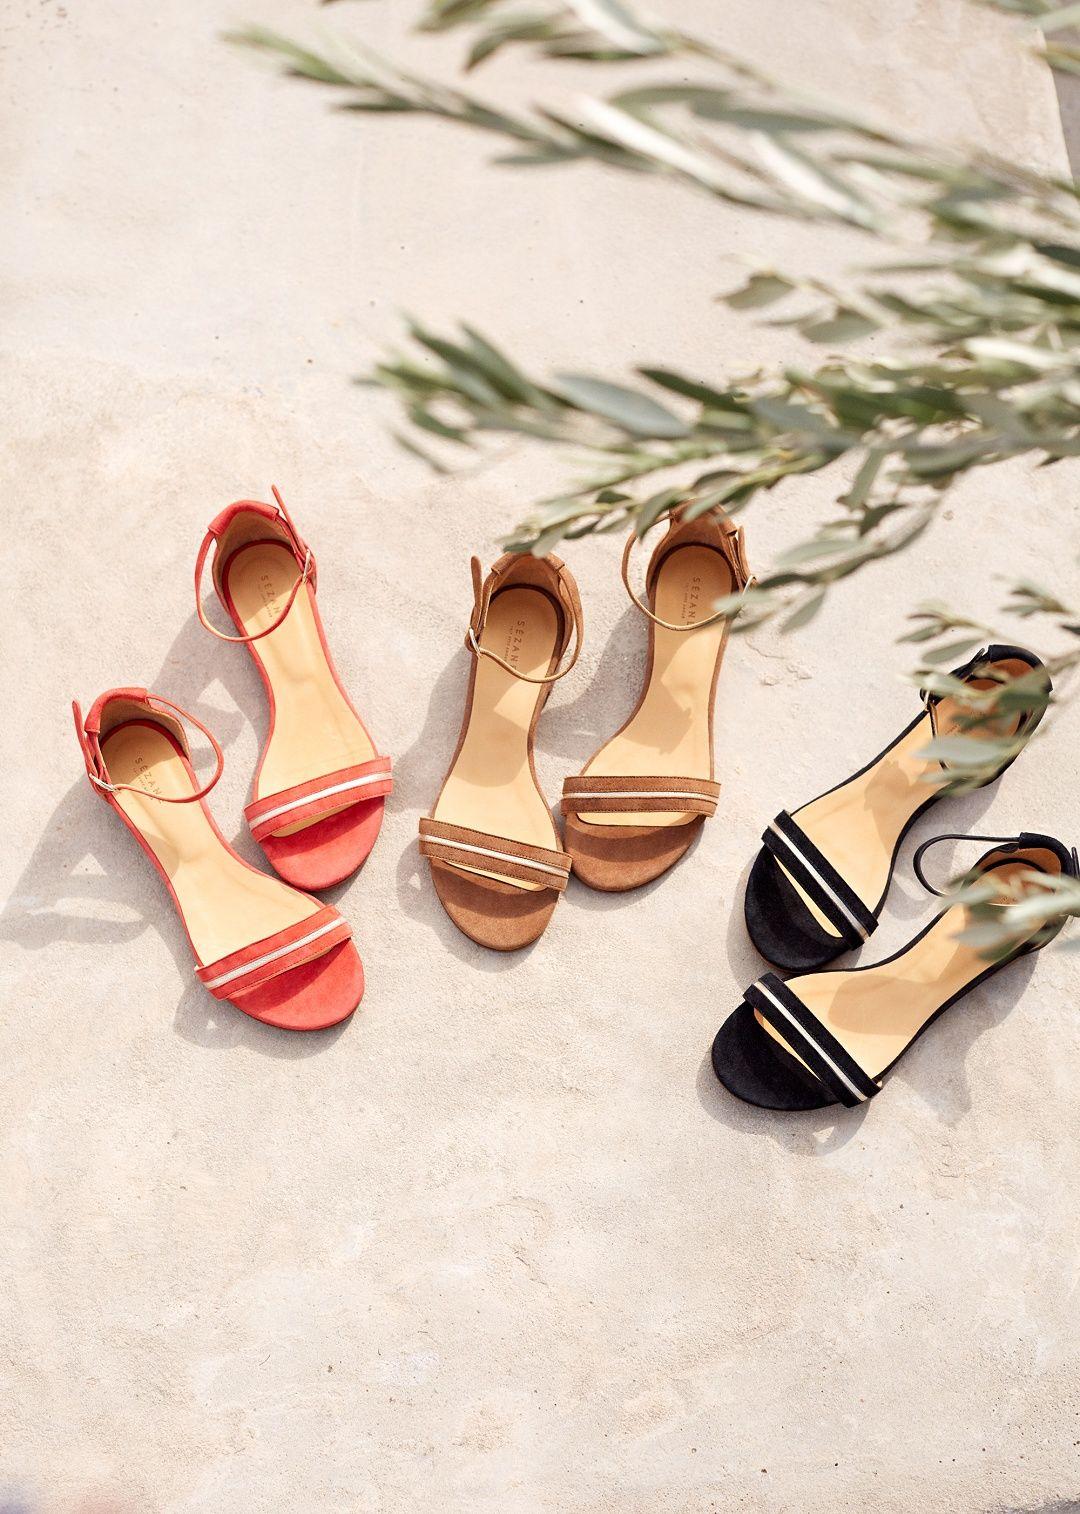 540ff40474c399 Clarks · Sezane Sandales, Collection Printemps, Chaussure, Bienvenue,  Spring, Chaussettes, Sandales,